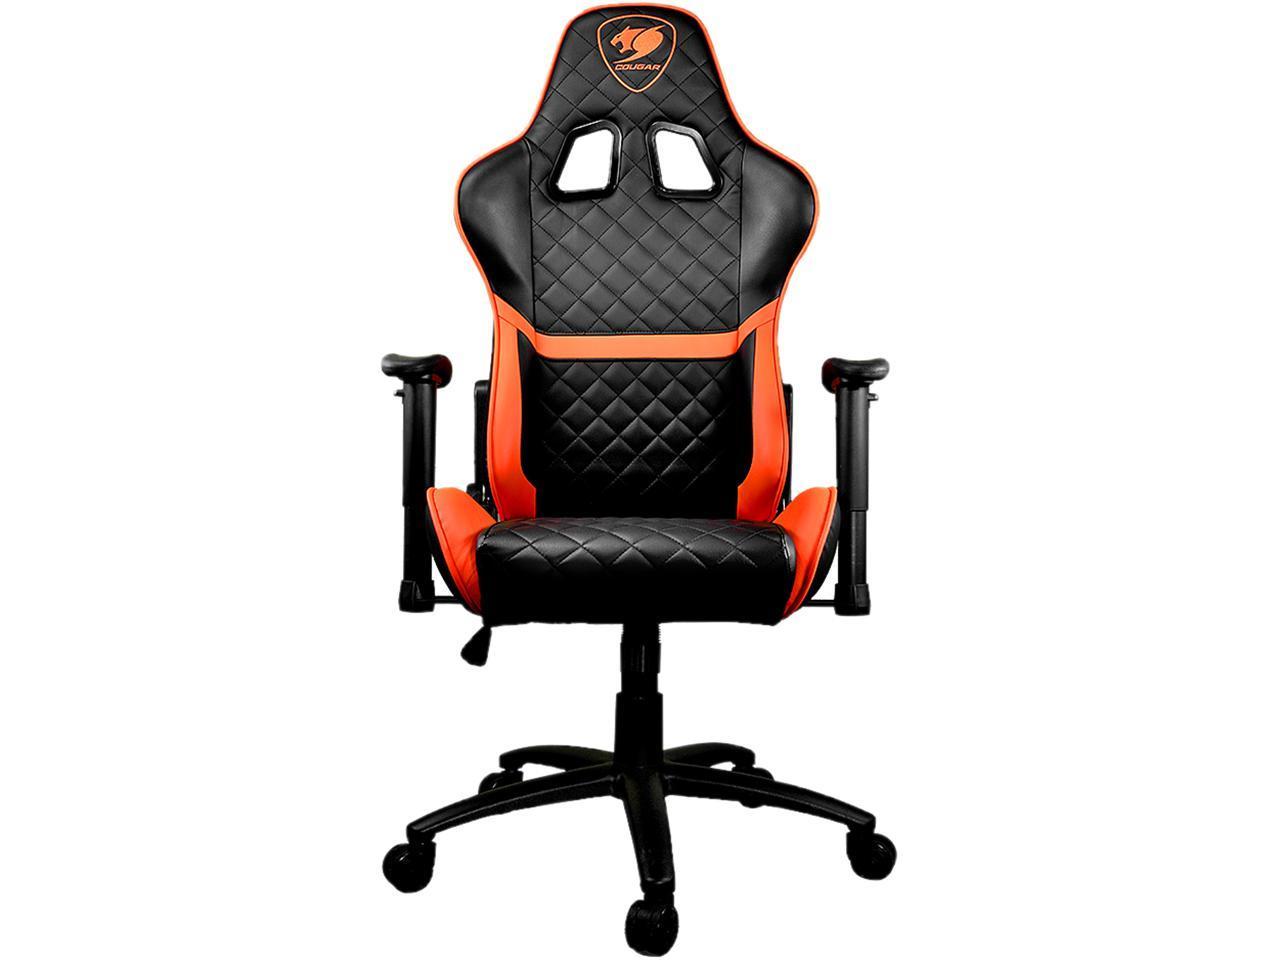 Cougar Armor One Gaming Chair Newegg Com Newegg Com